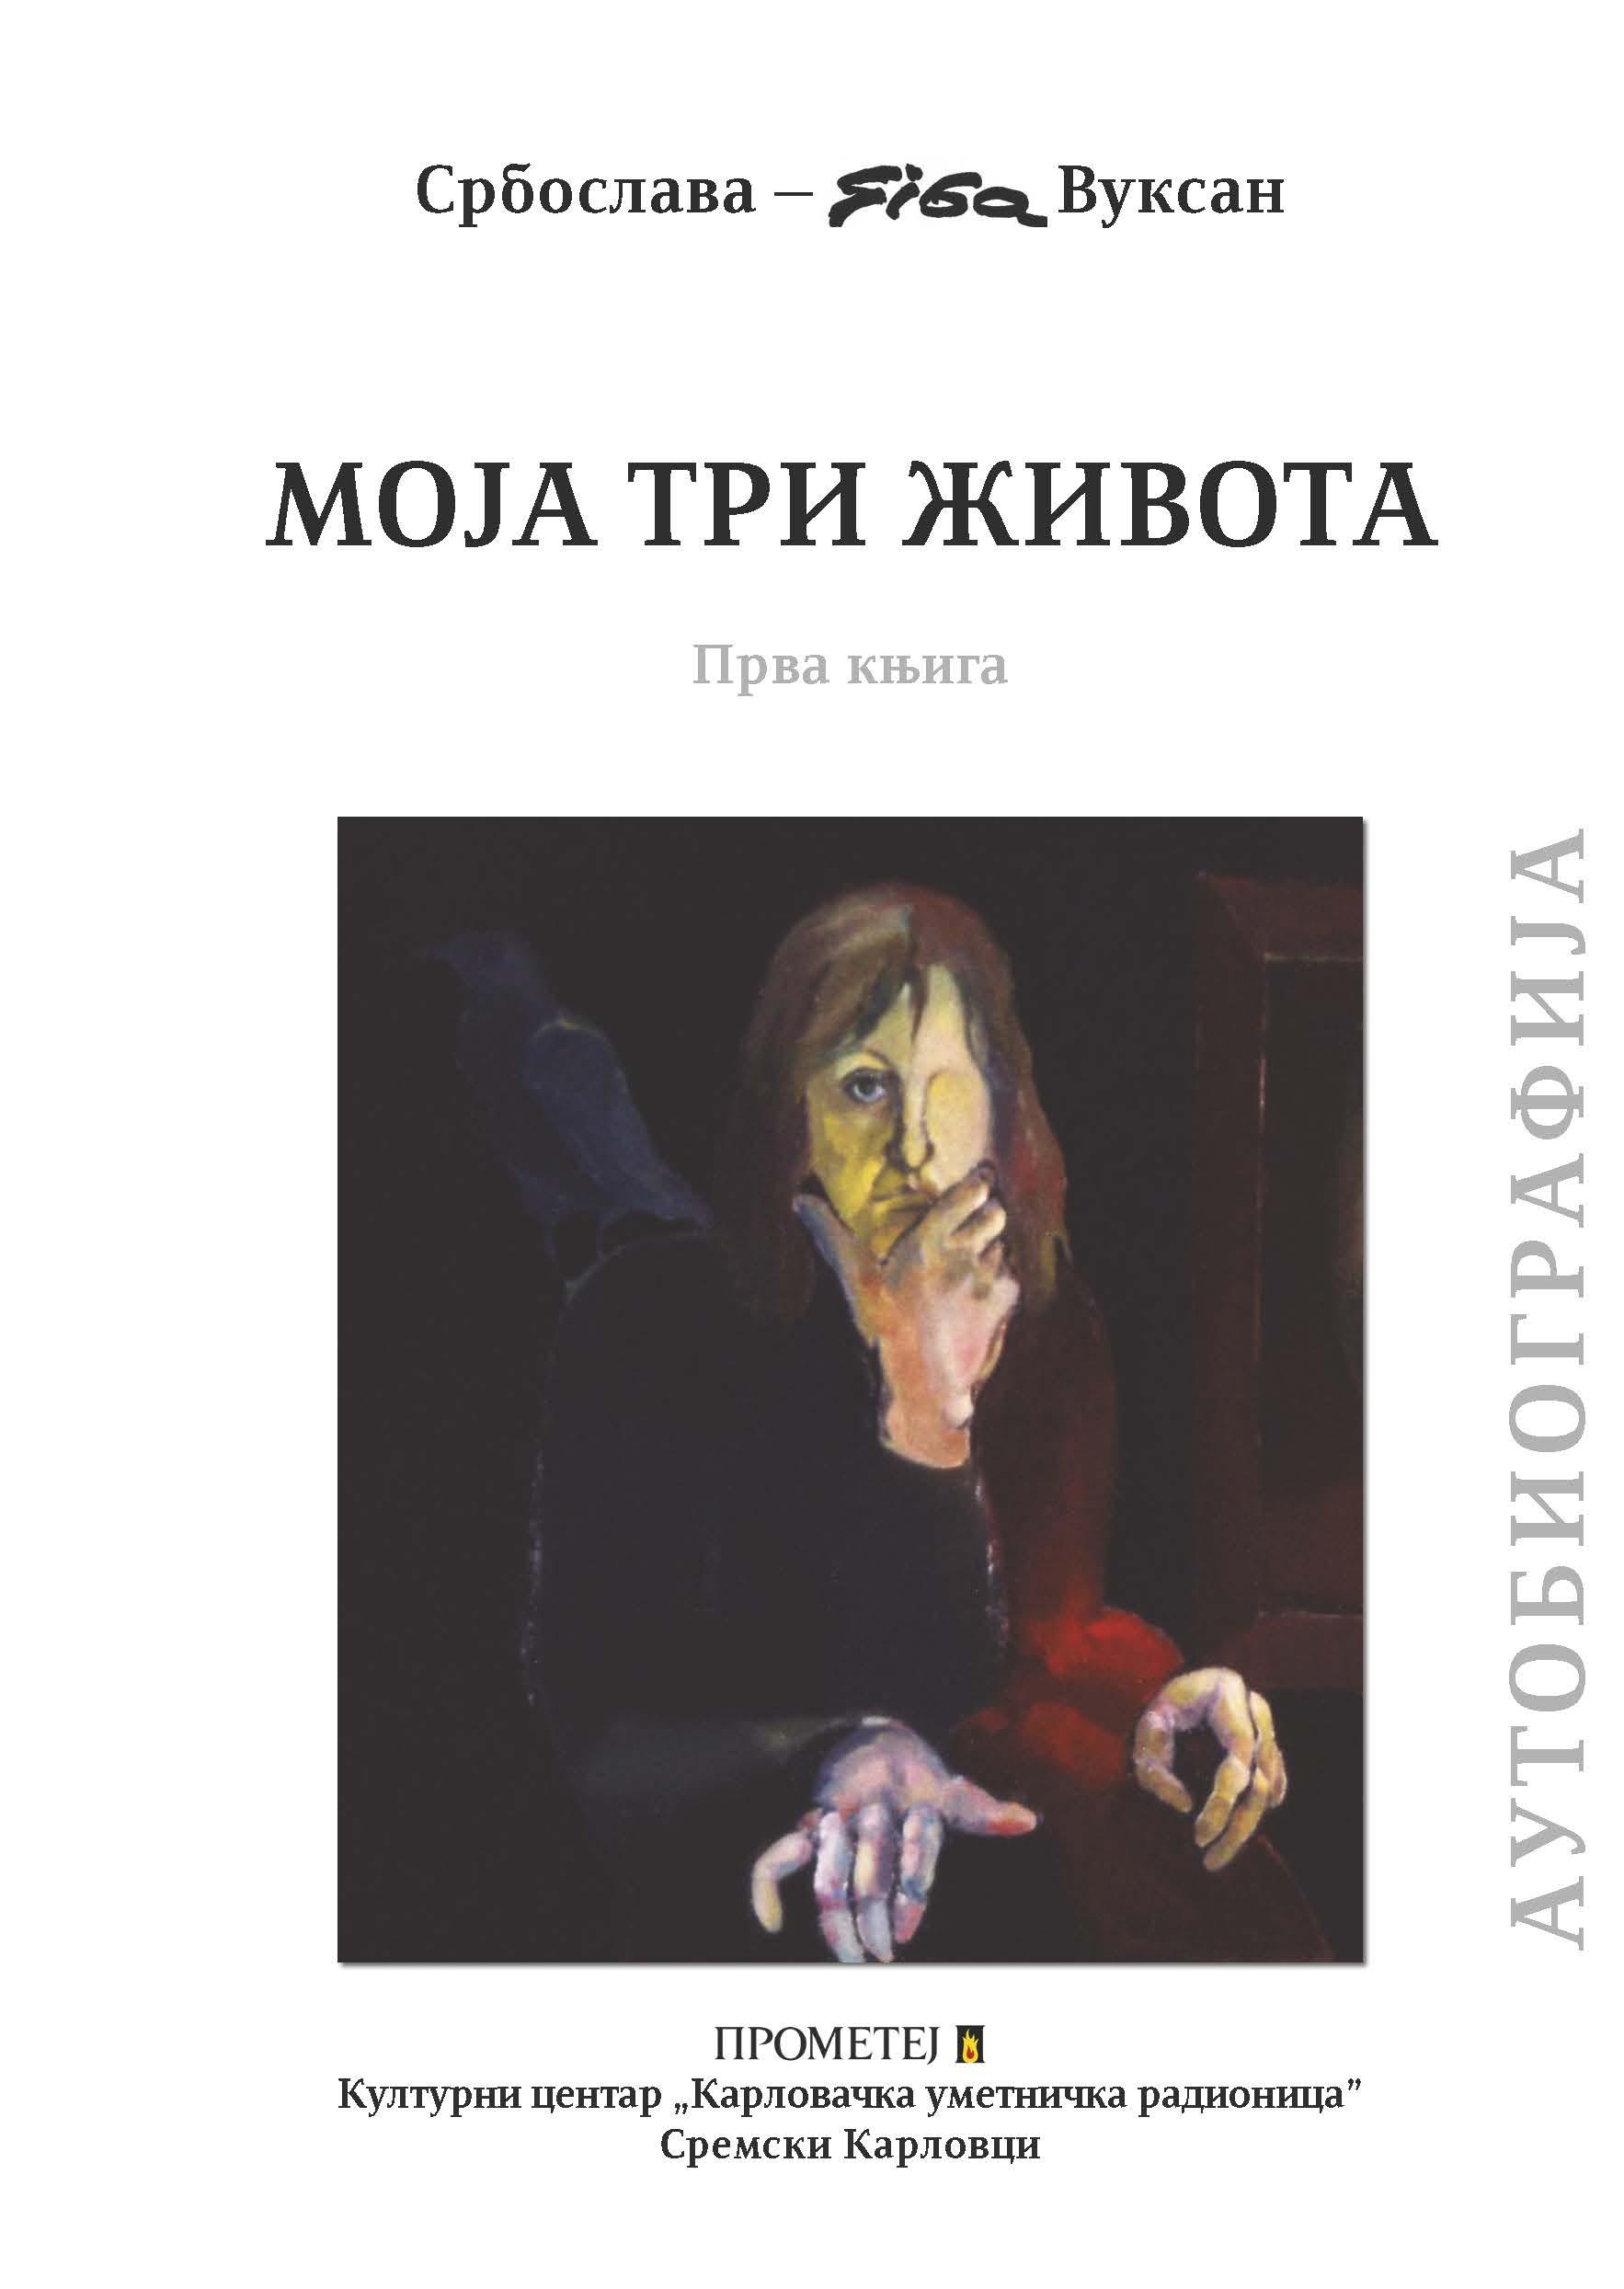 Моја три живота – прва књига